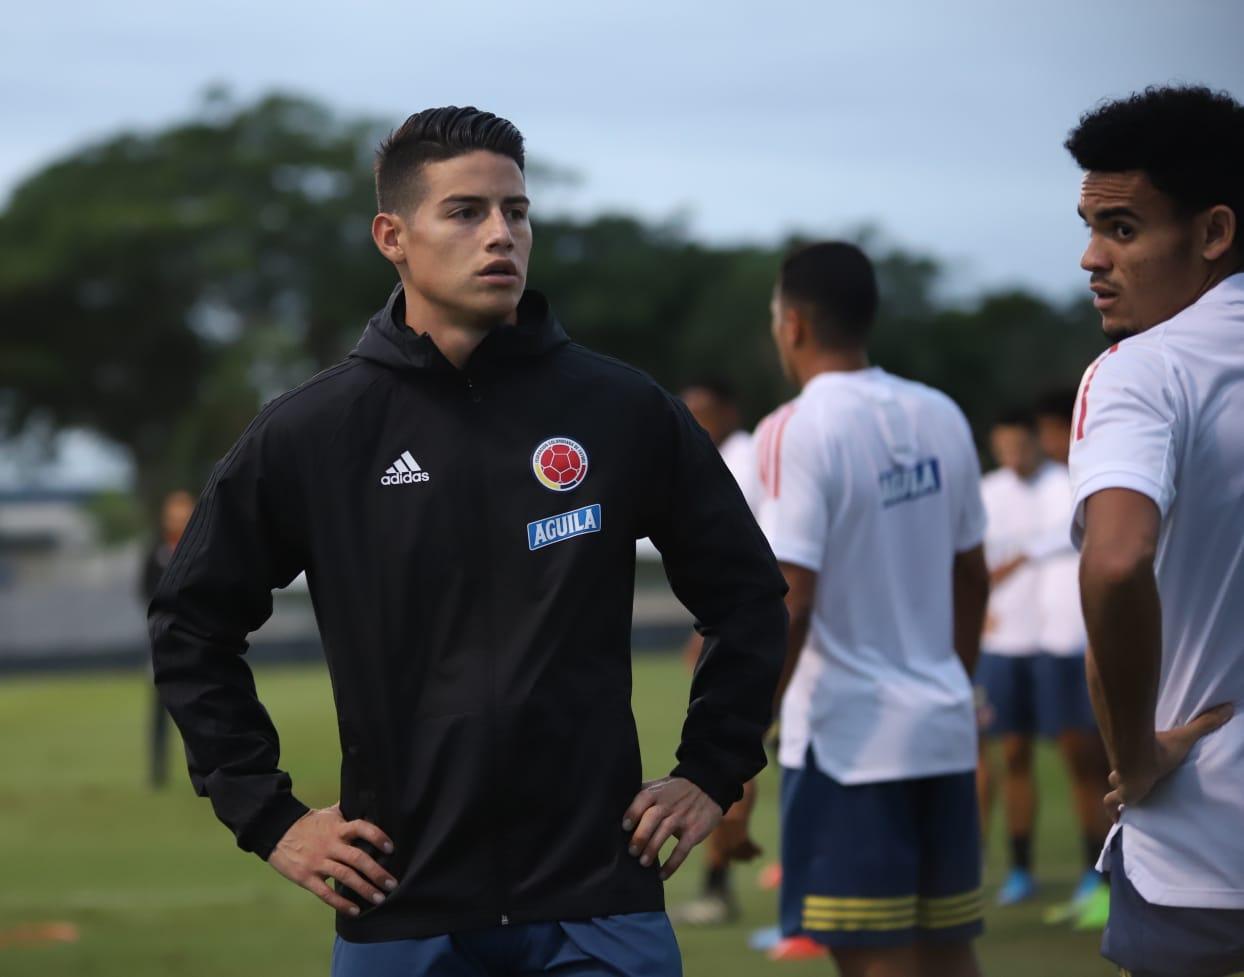 El Real Madrid confirmó la lesión del colombiano, que no estará con su selección tampoco para el amistoso con Ecuador